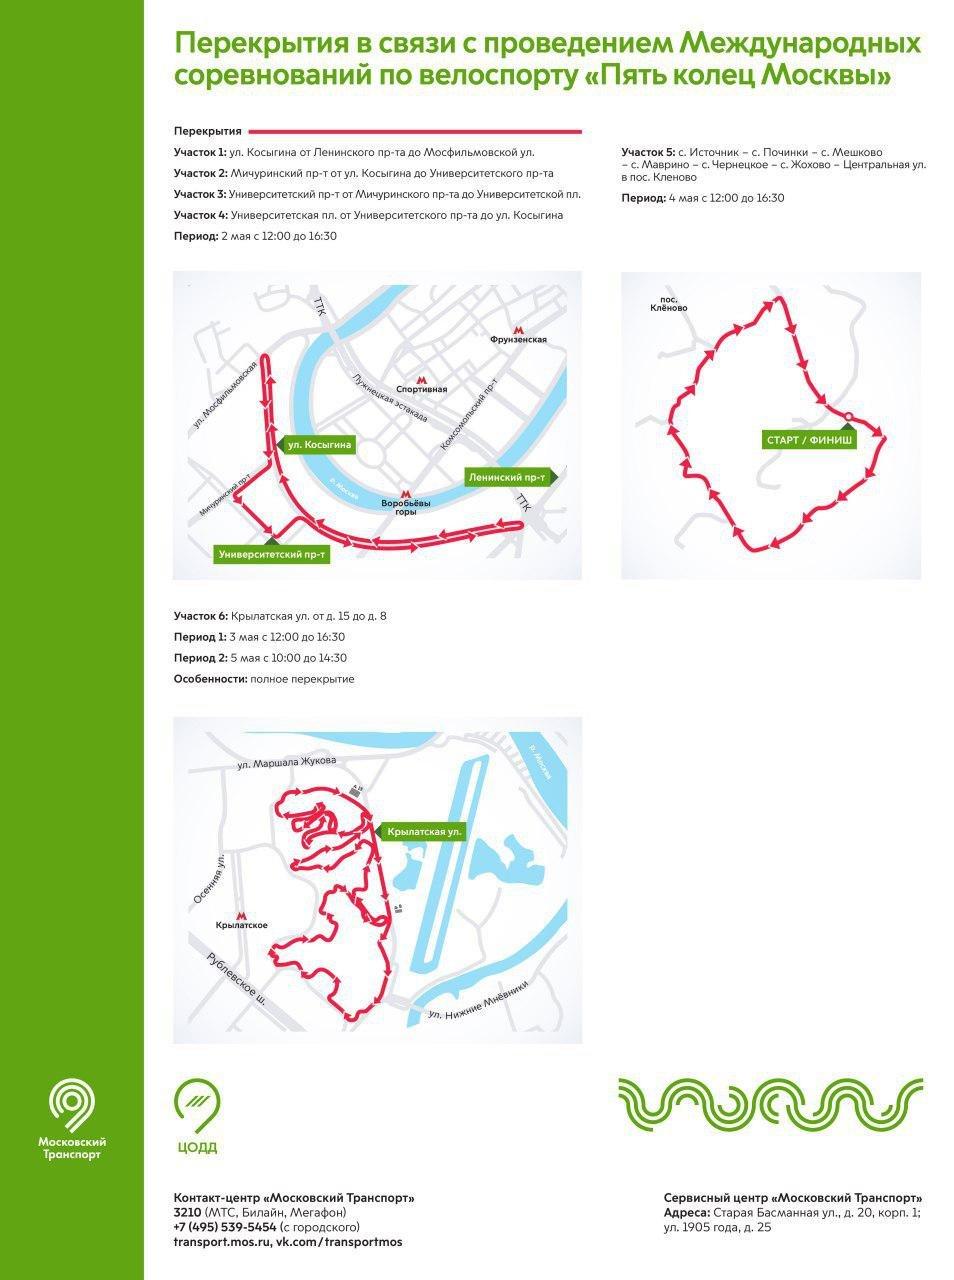 схема перекрытия соревнования по велоспорту